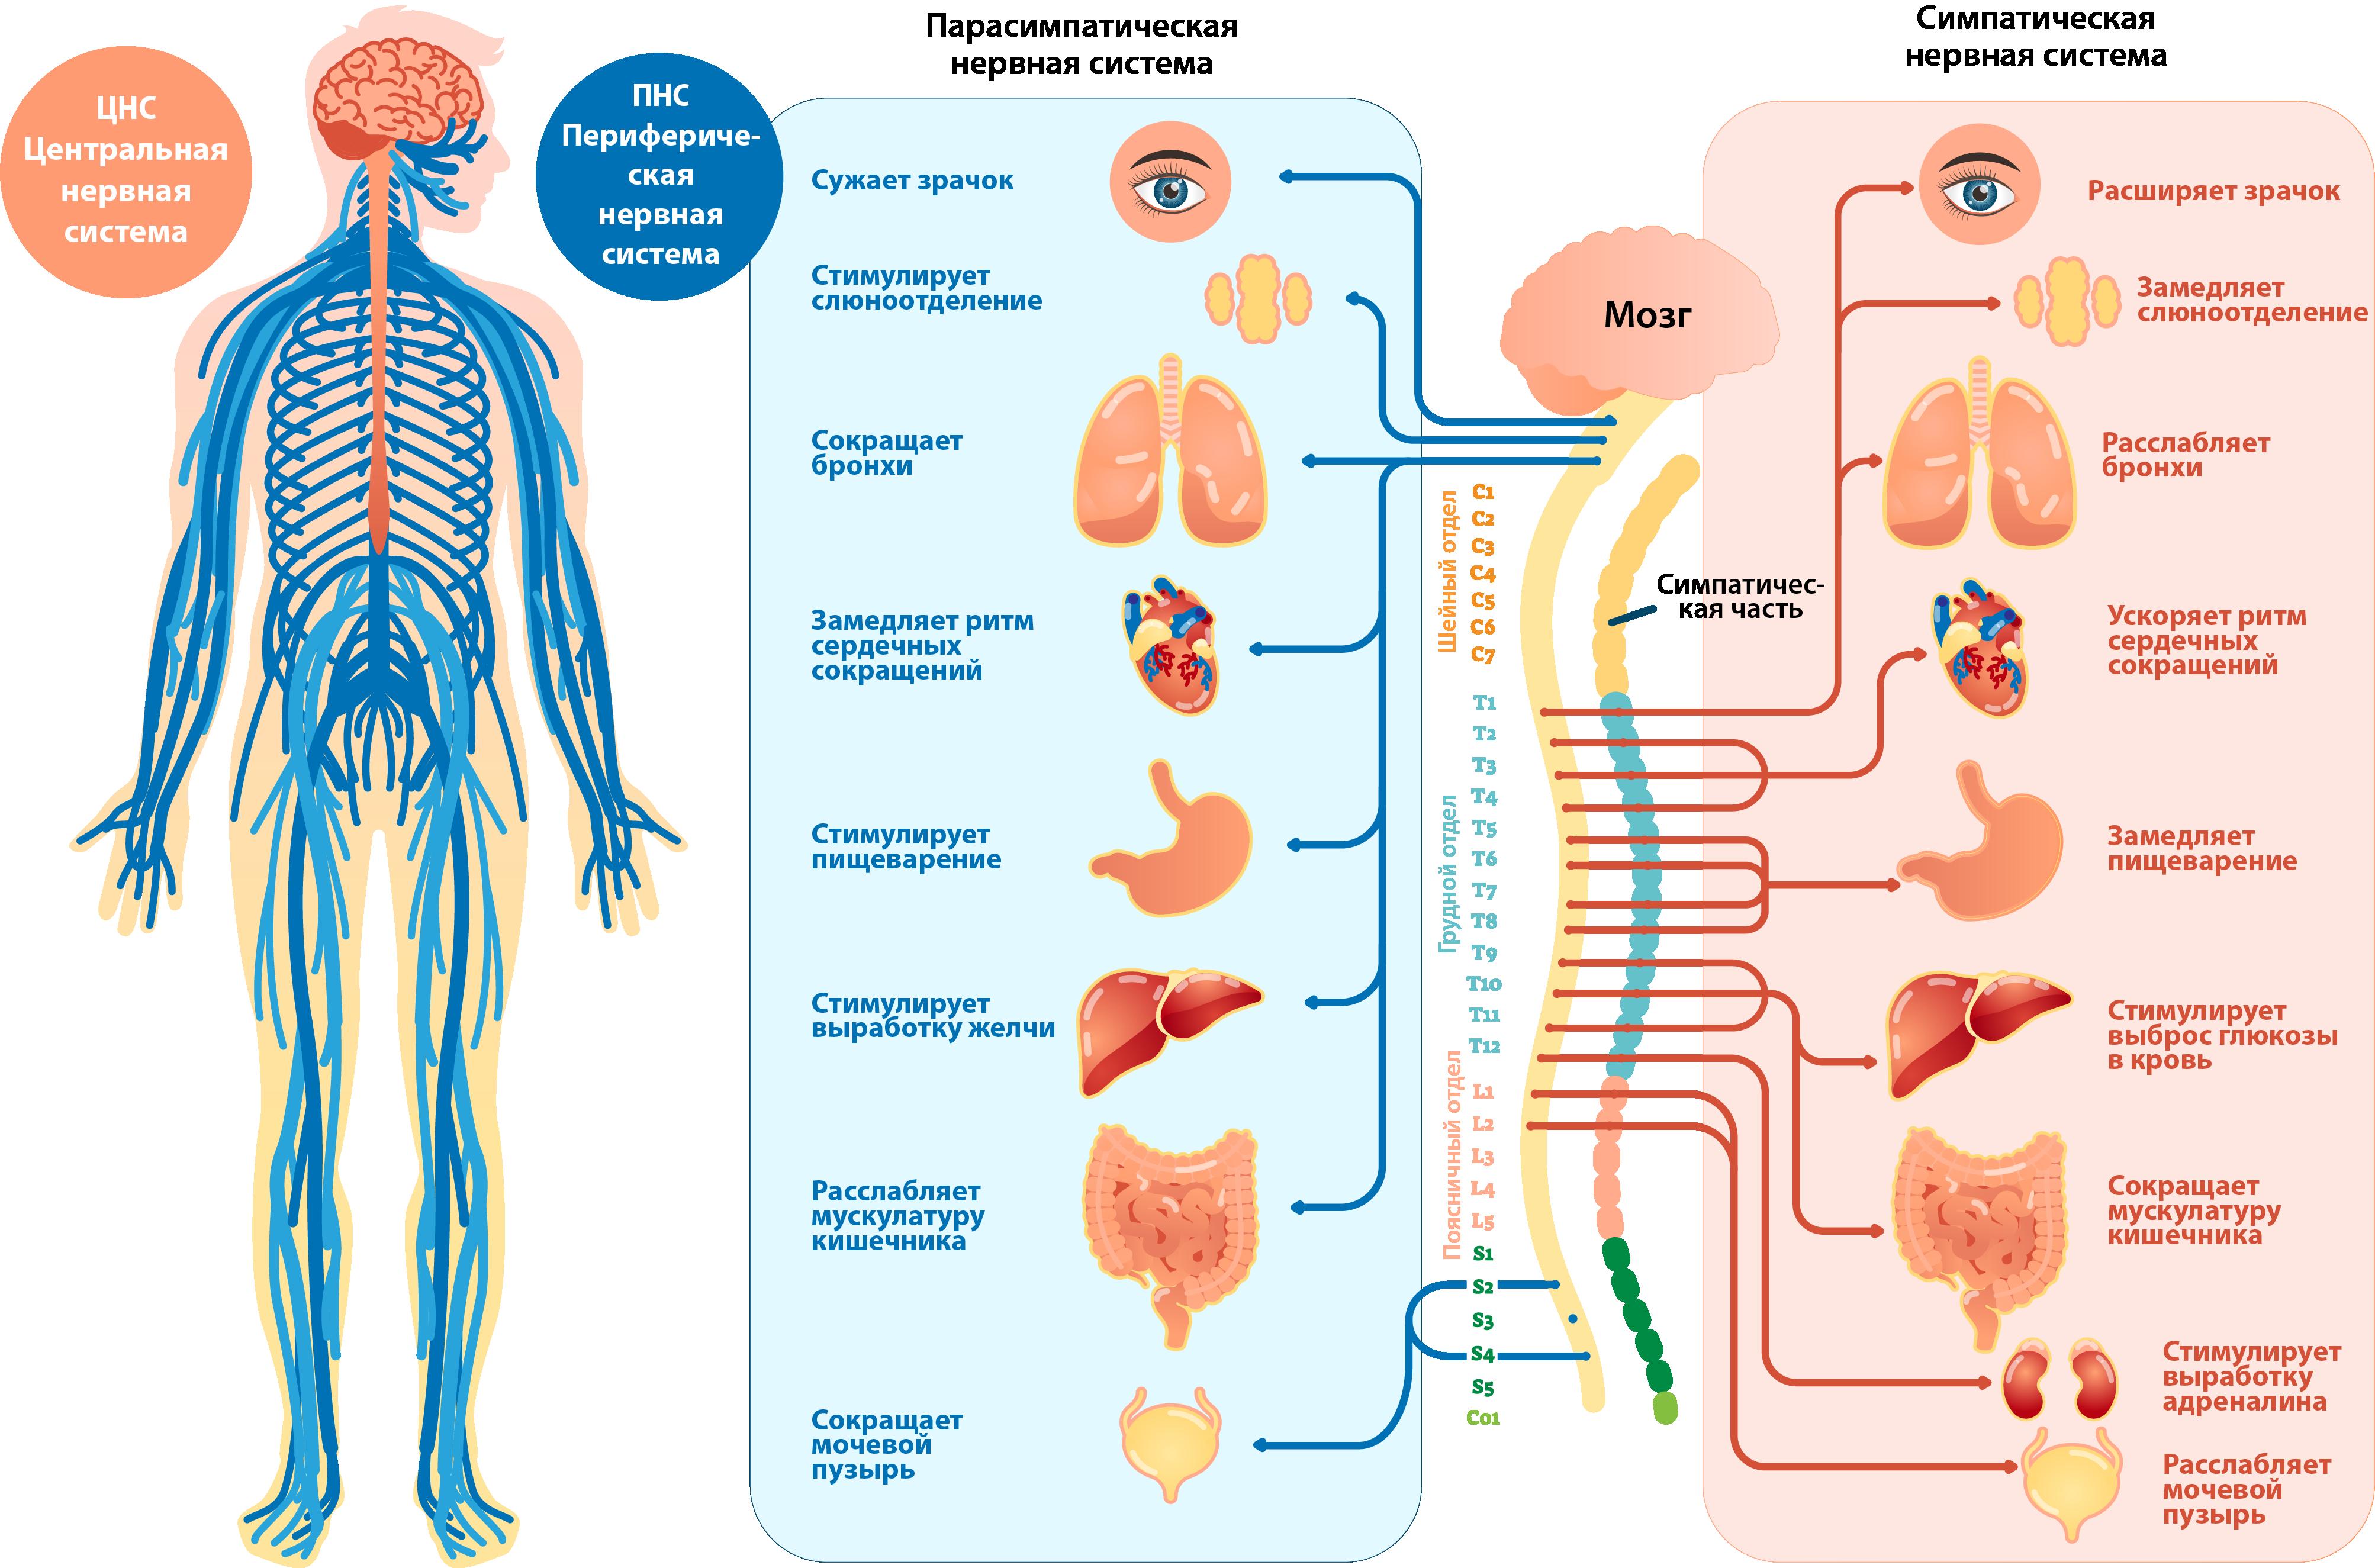 Симпатический и парасимпатический отдел вегетативной нервной системы